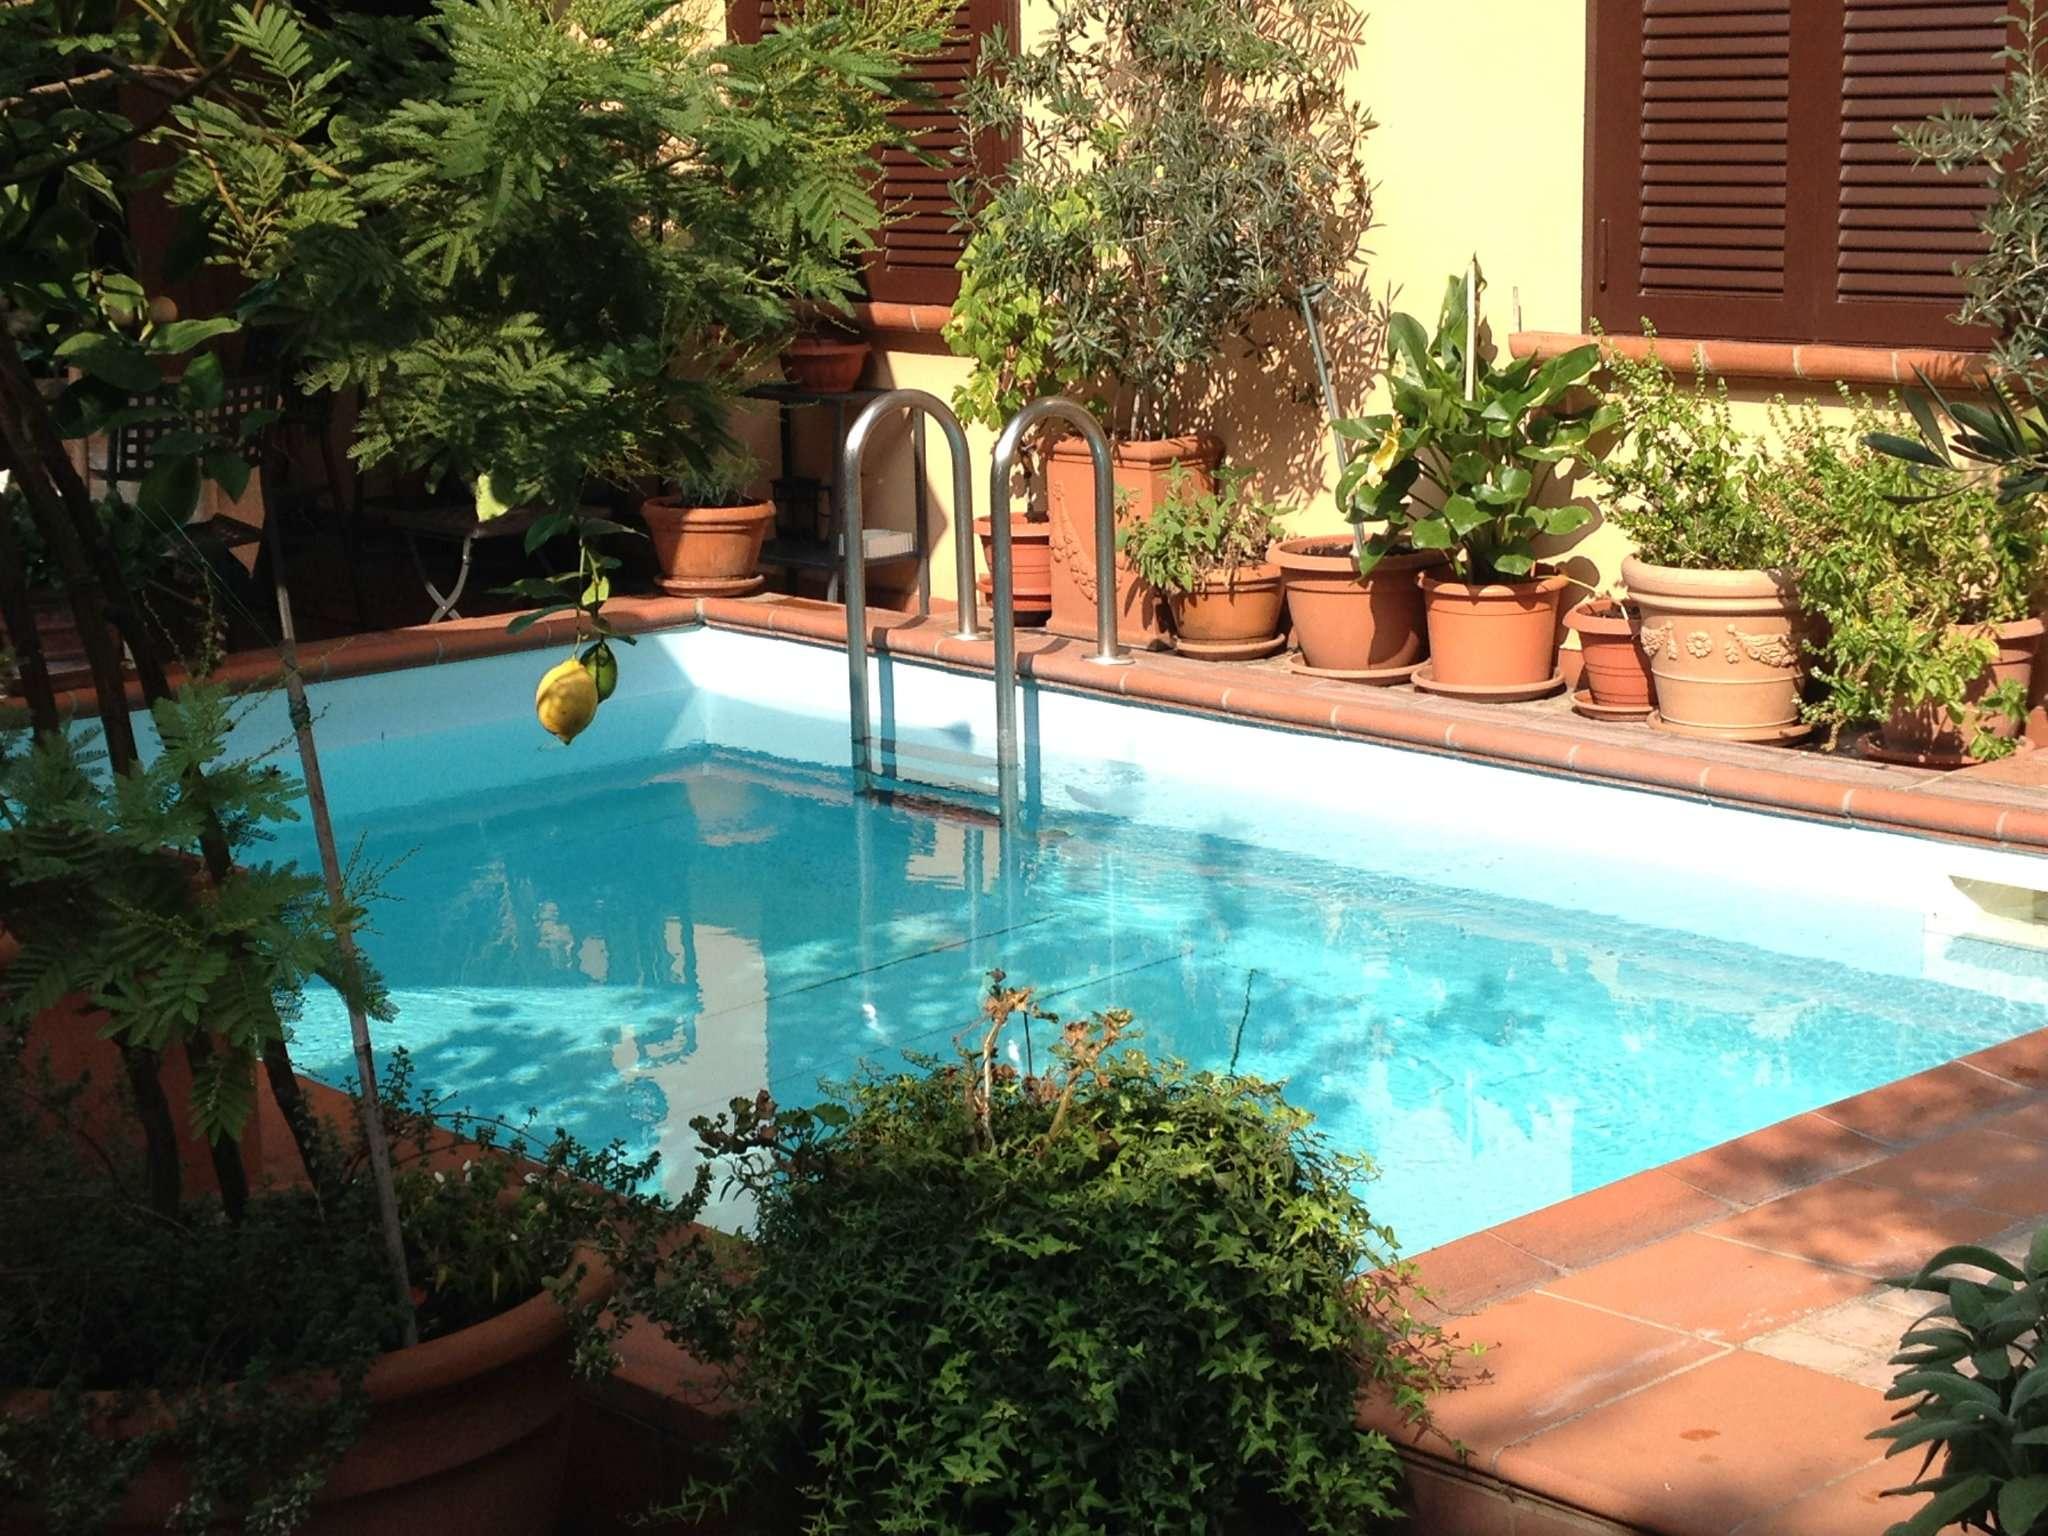 Villa con piscina a milano - Villa con piscina milano ...